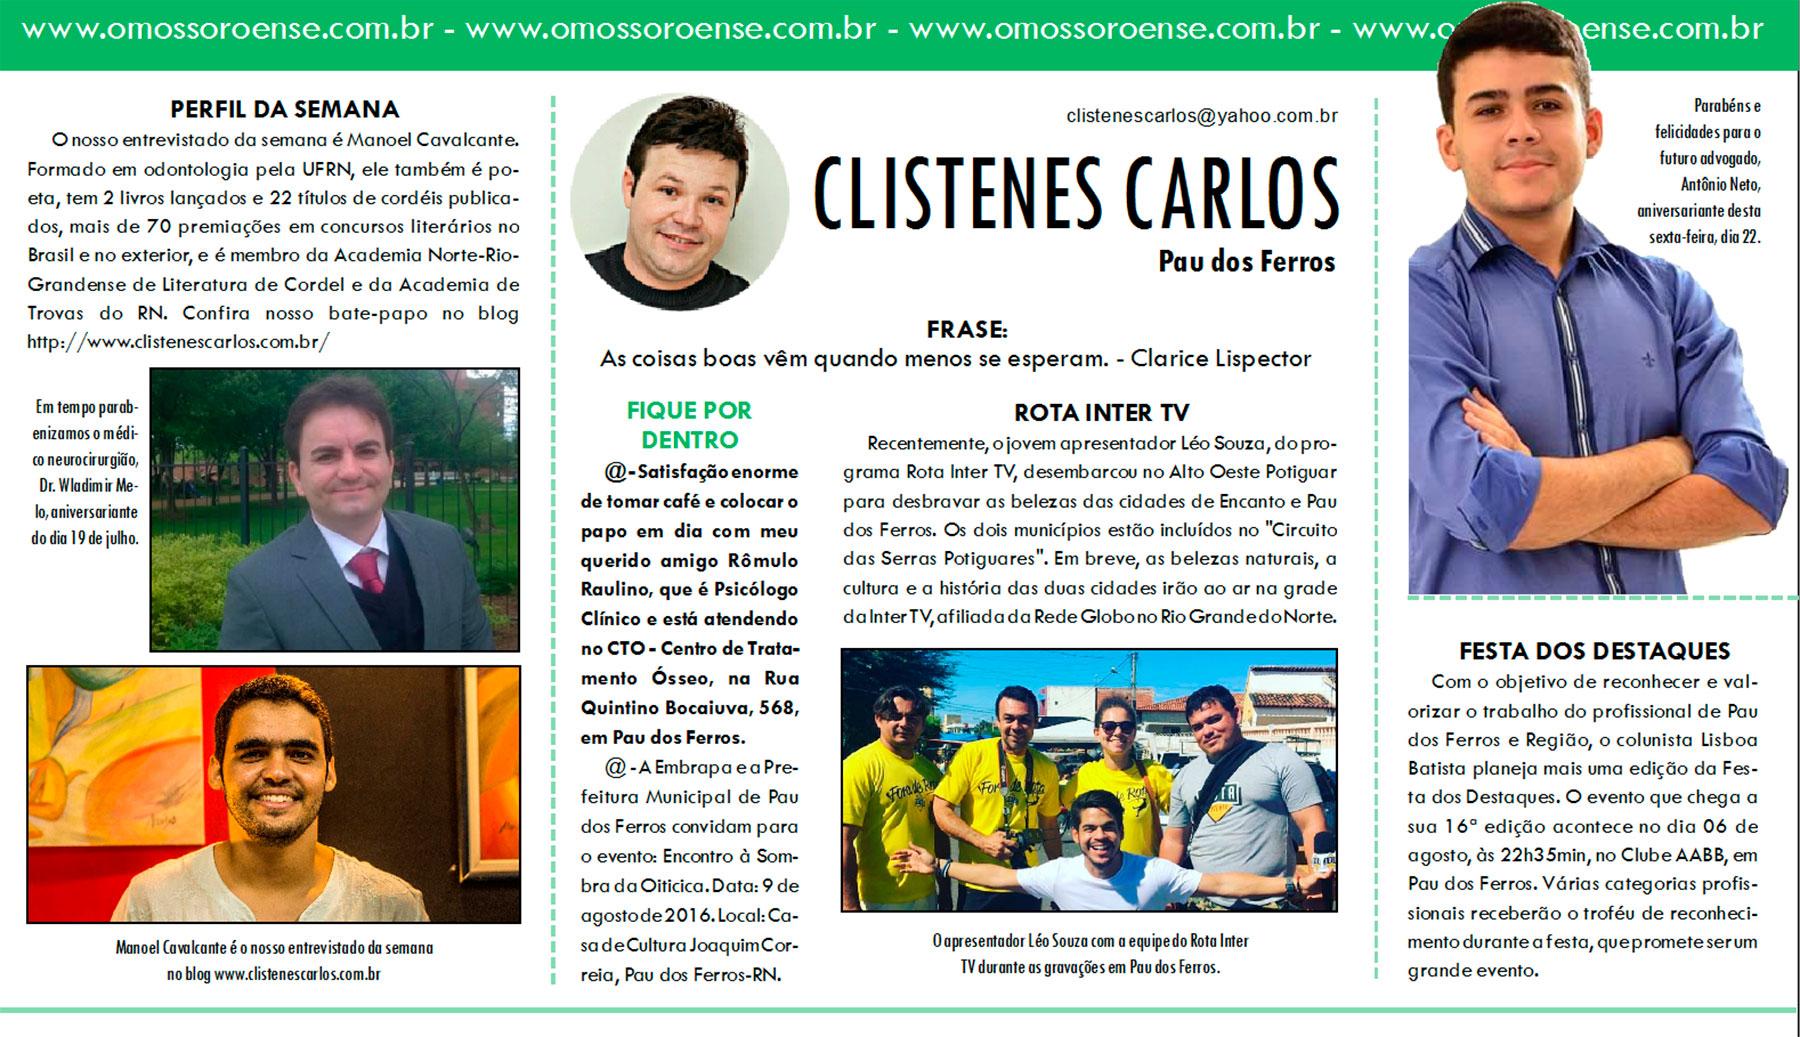 CLISTENES-CARLOS-01-08-2016